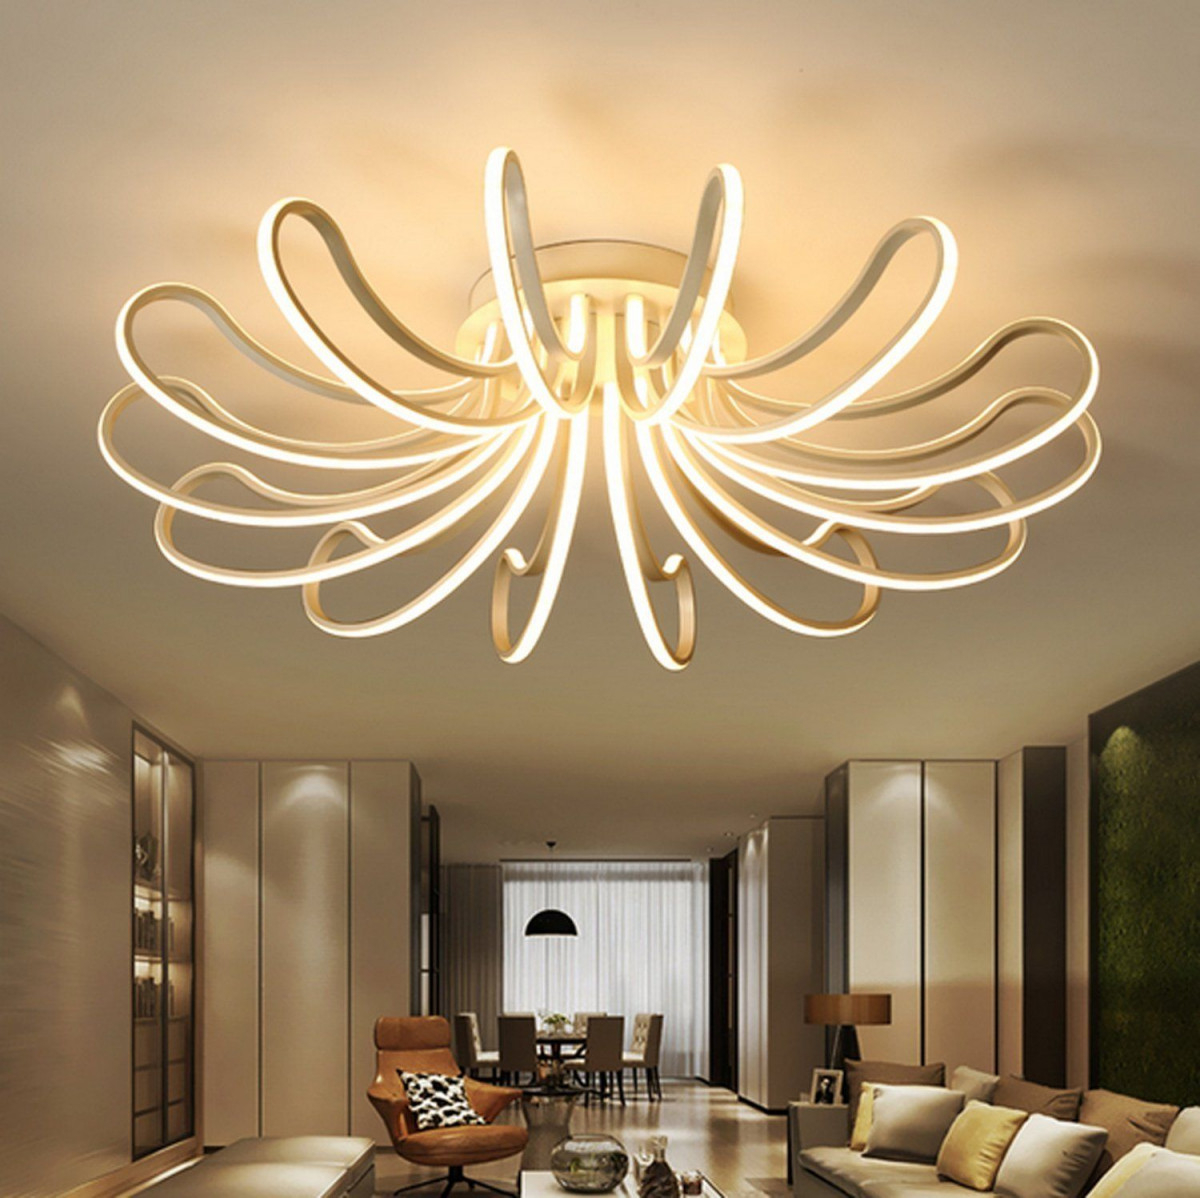 Waineg Designer Moderne Leddeckenleuchten Wohnzimmer von Wohnzimmer Lampe Modern Bild